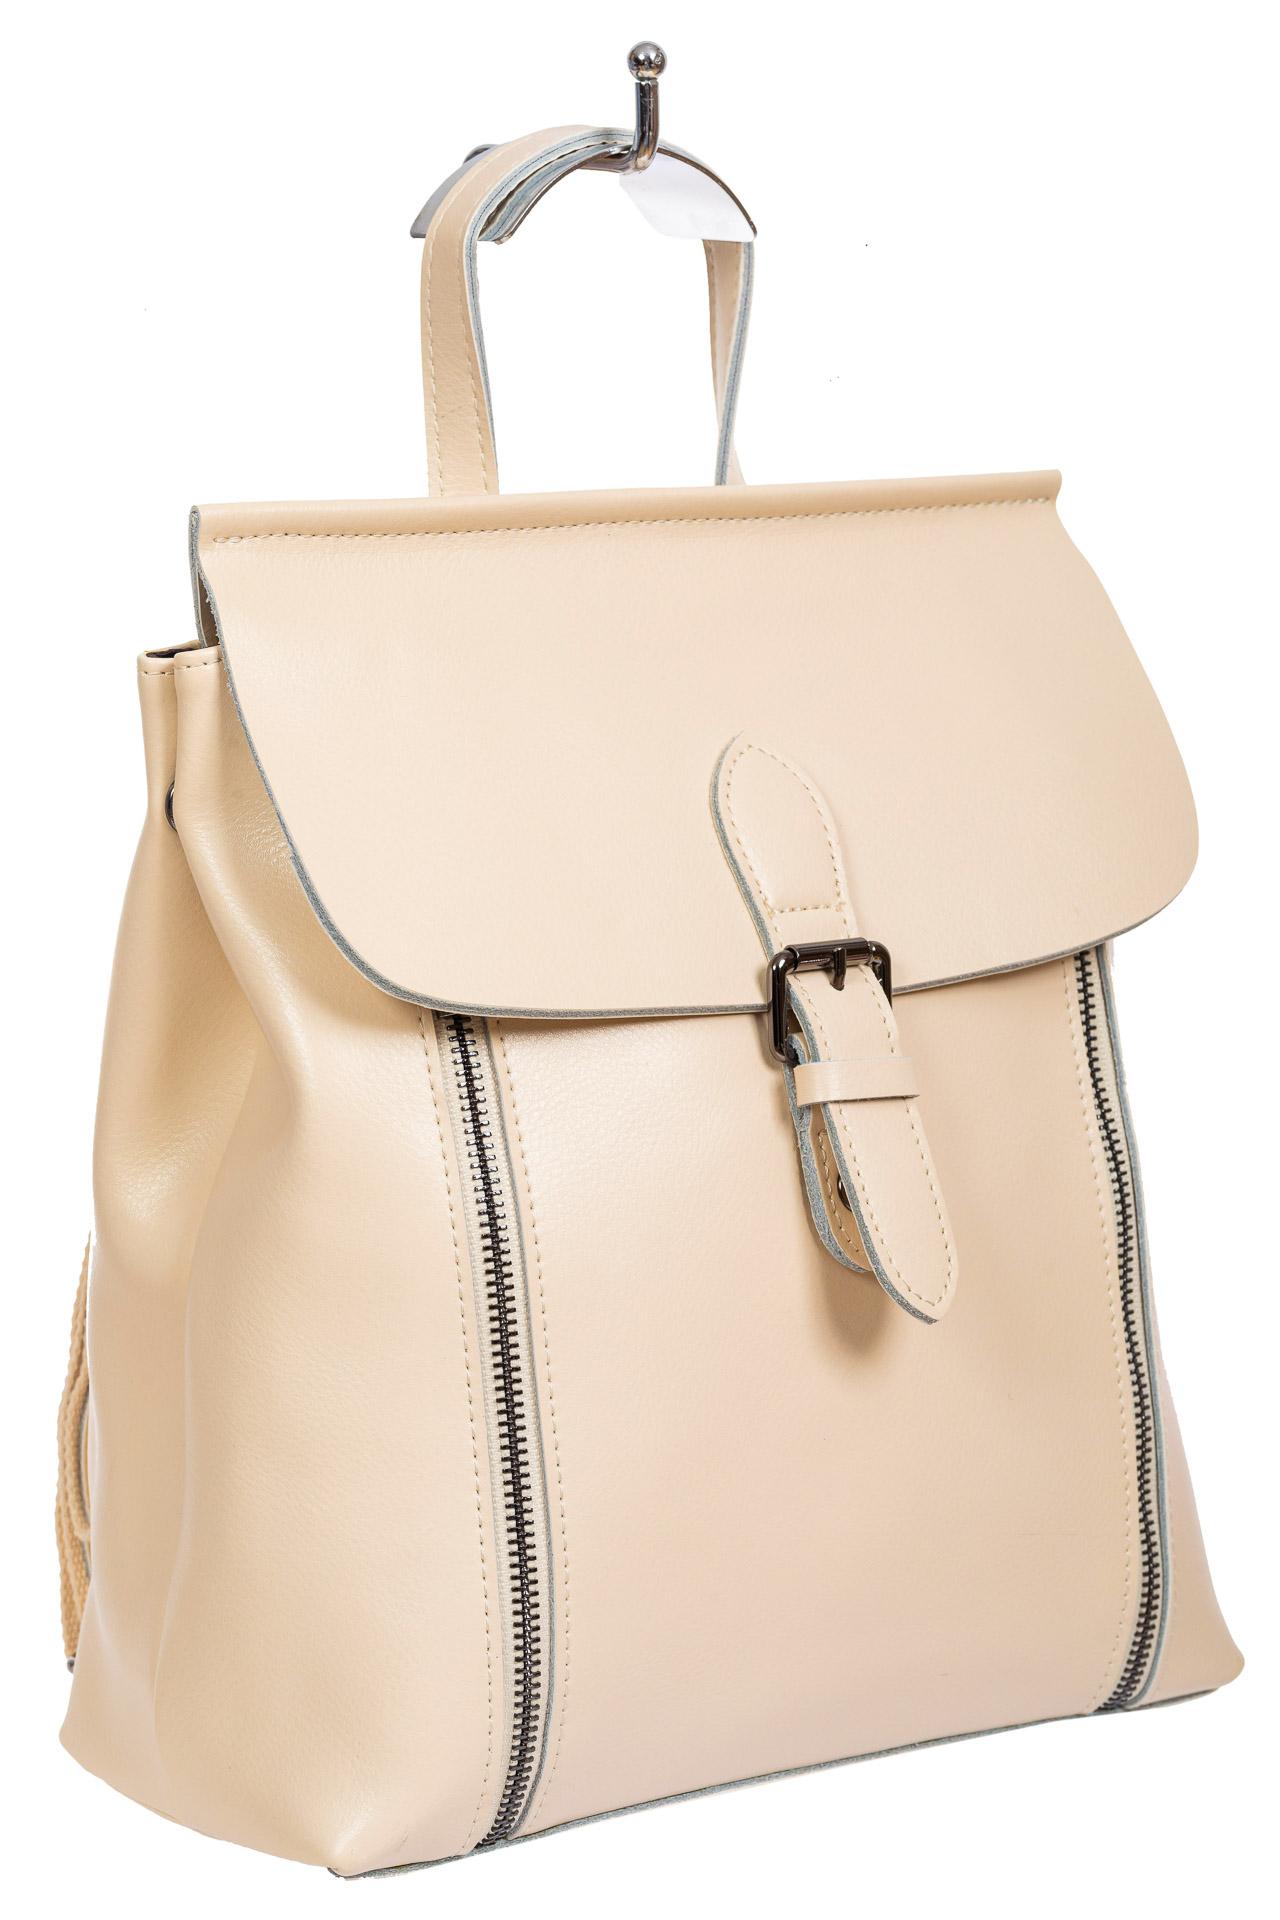 Кожаный рюкзак-трансформер, цвет молочный